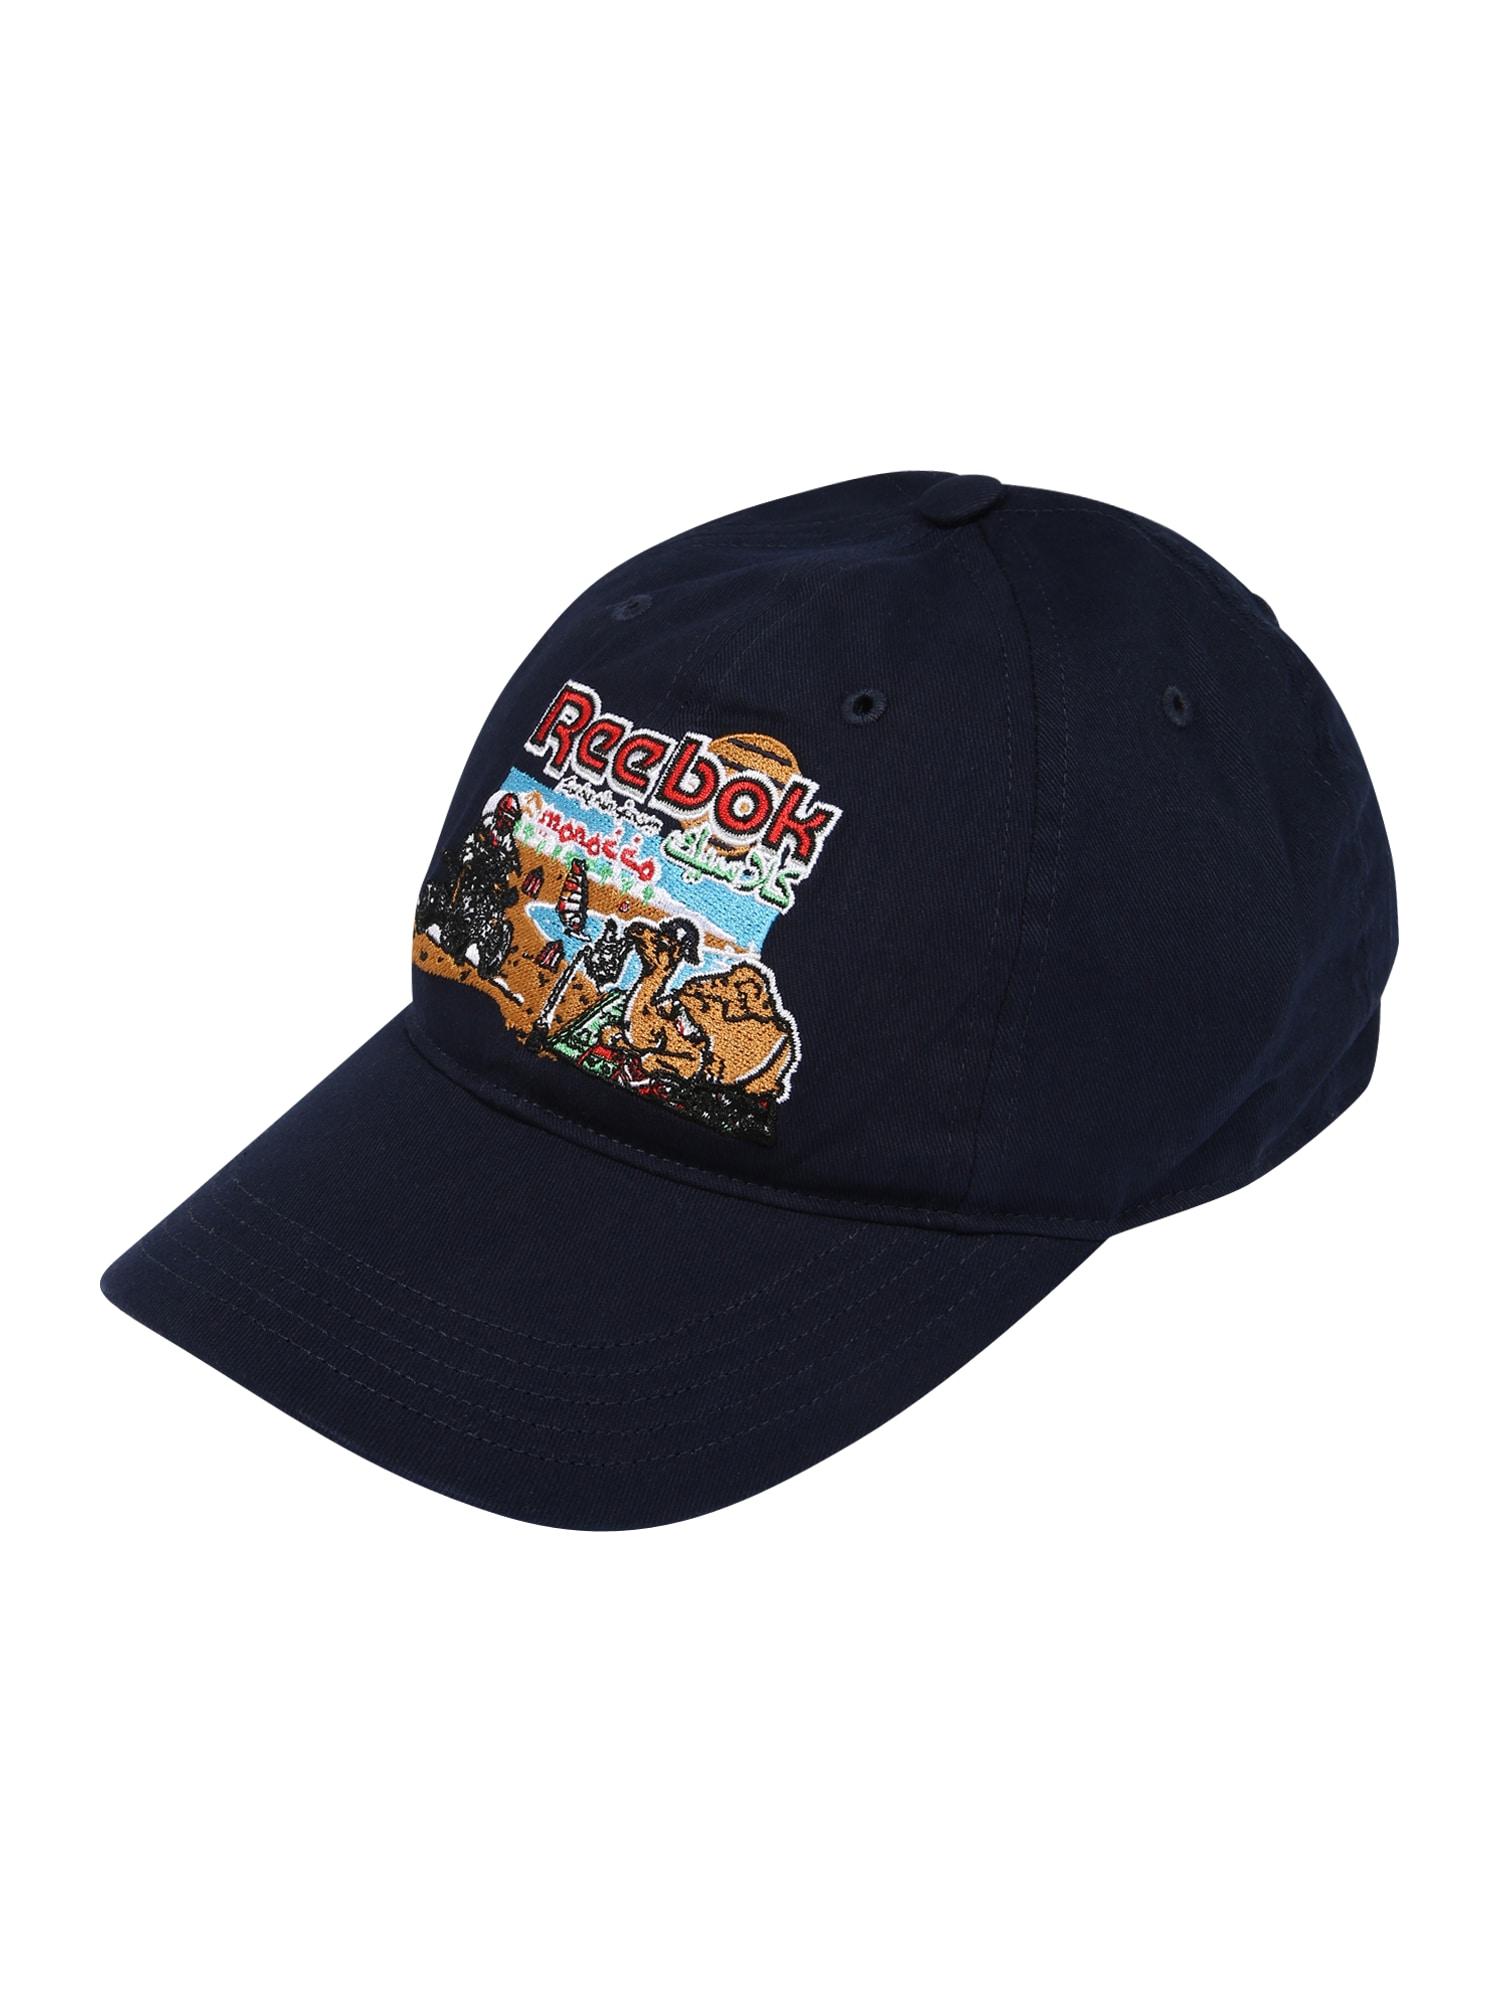 Reebok Classic Kepurė tamsiai mėlyna / ruda / balta / raudona / šviesiai mėlyna